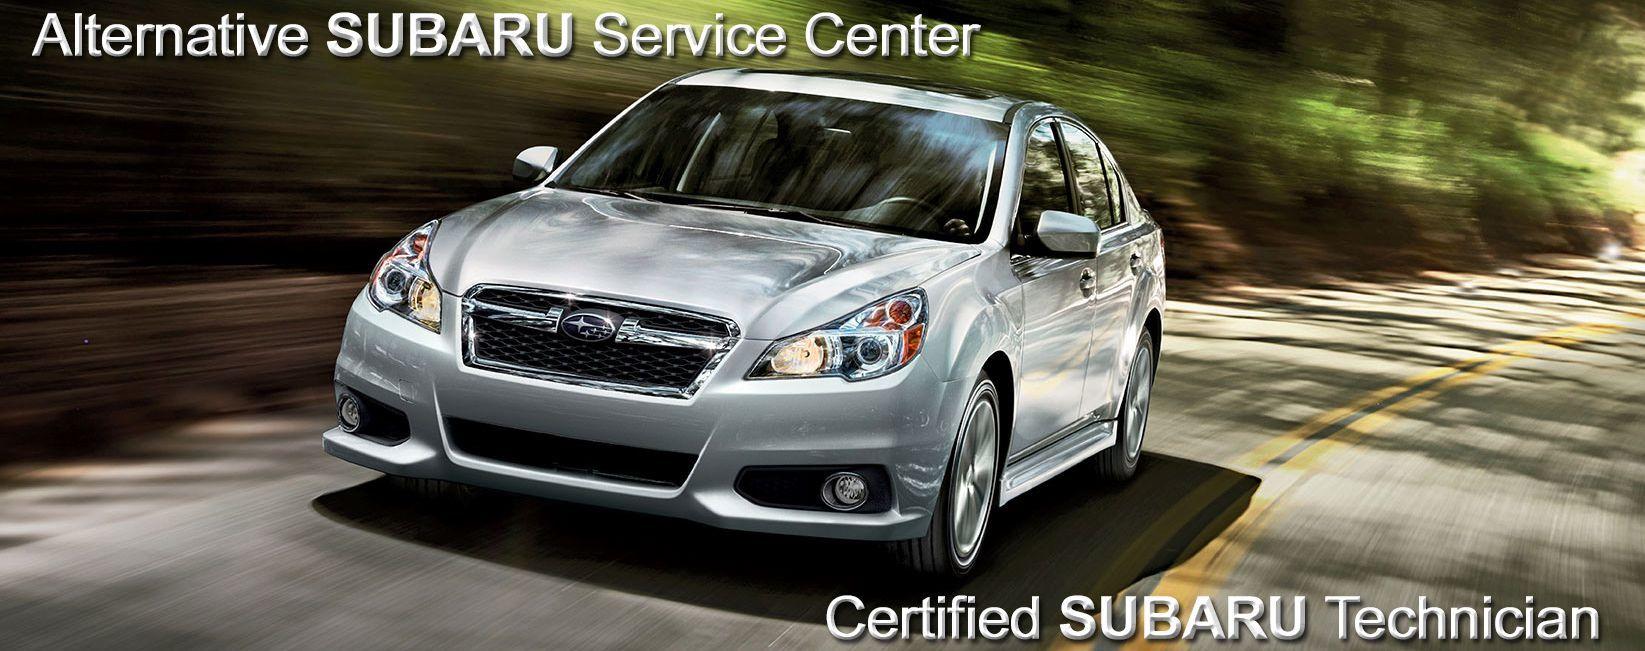 Subaru Auto Service Repair Greensboro NC At Eurobahn Subaru - Subaru auto repair